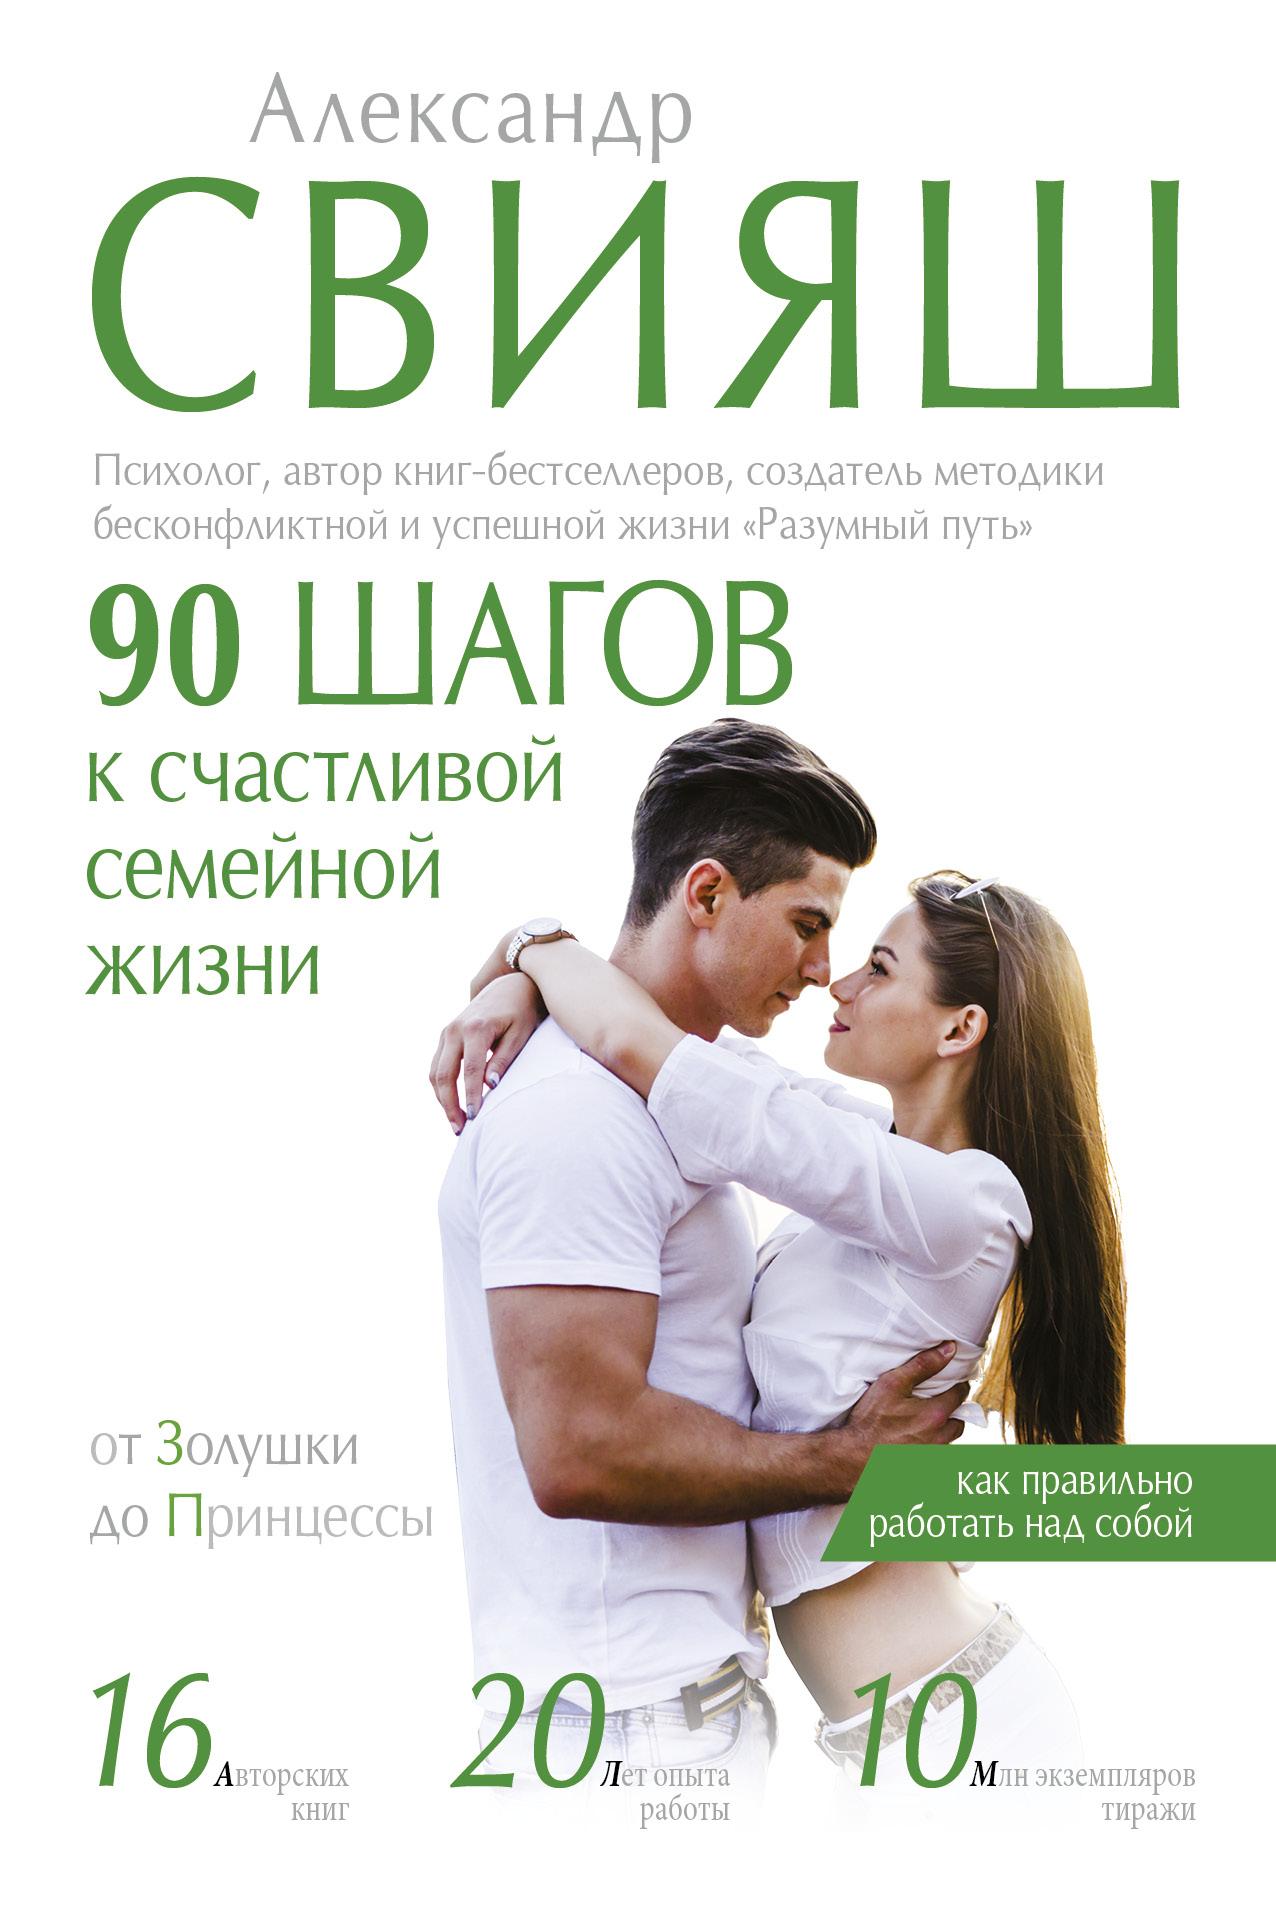 Фото Свияш Александр Григорьевич 90 шагов к счастливой семейной жизни. Купить  в РФ